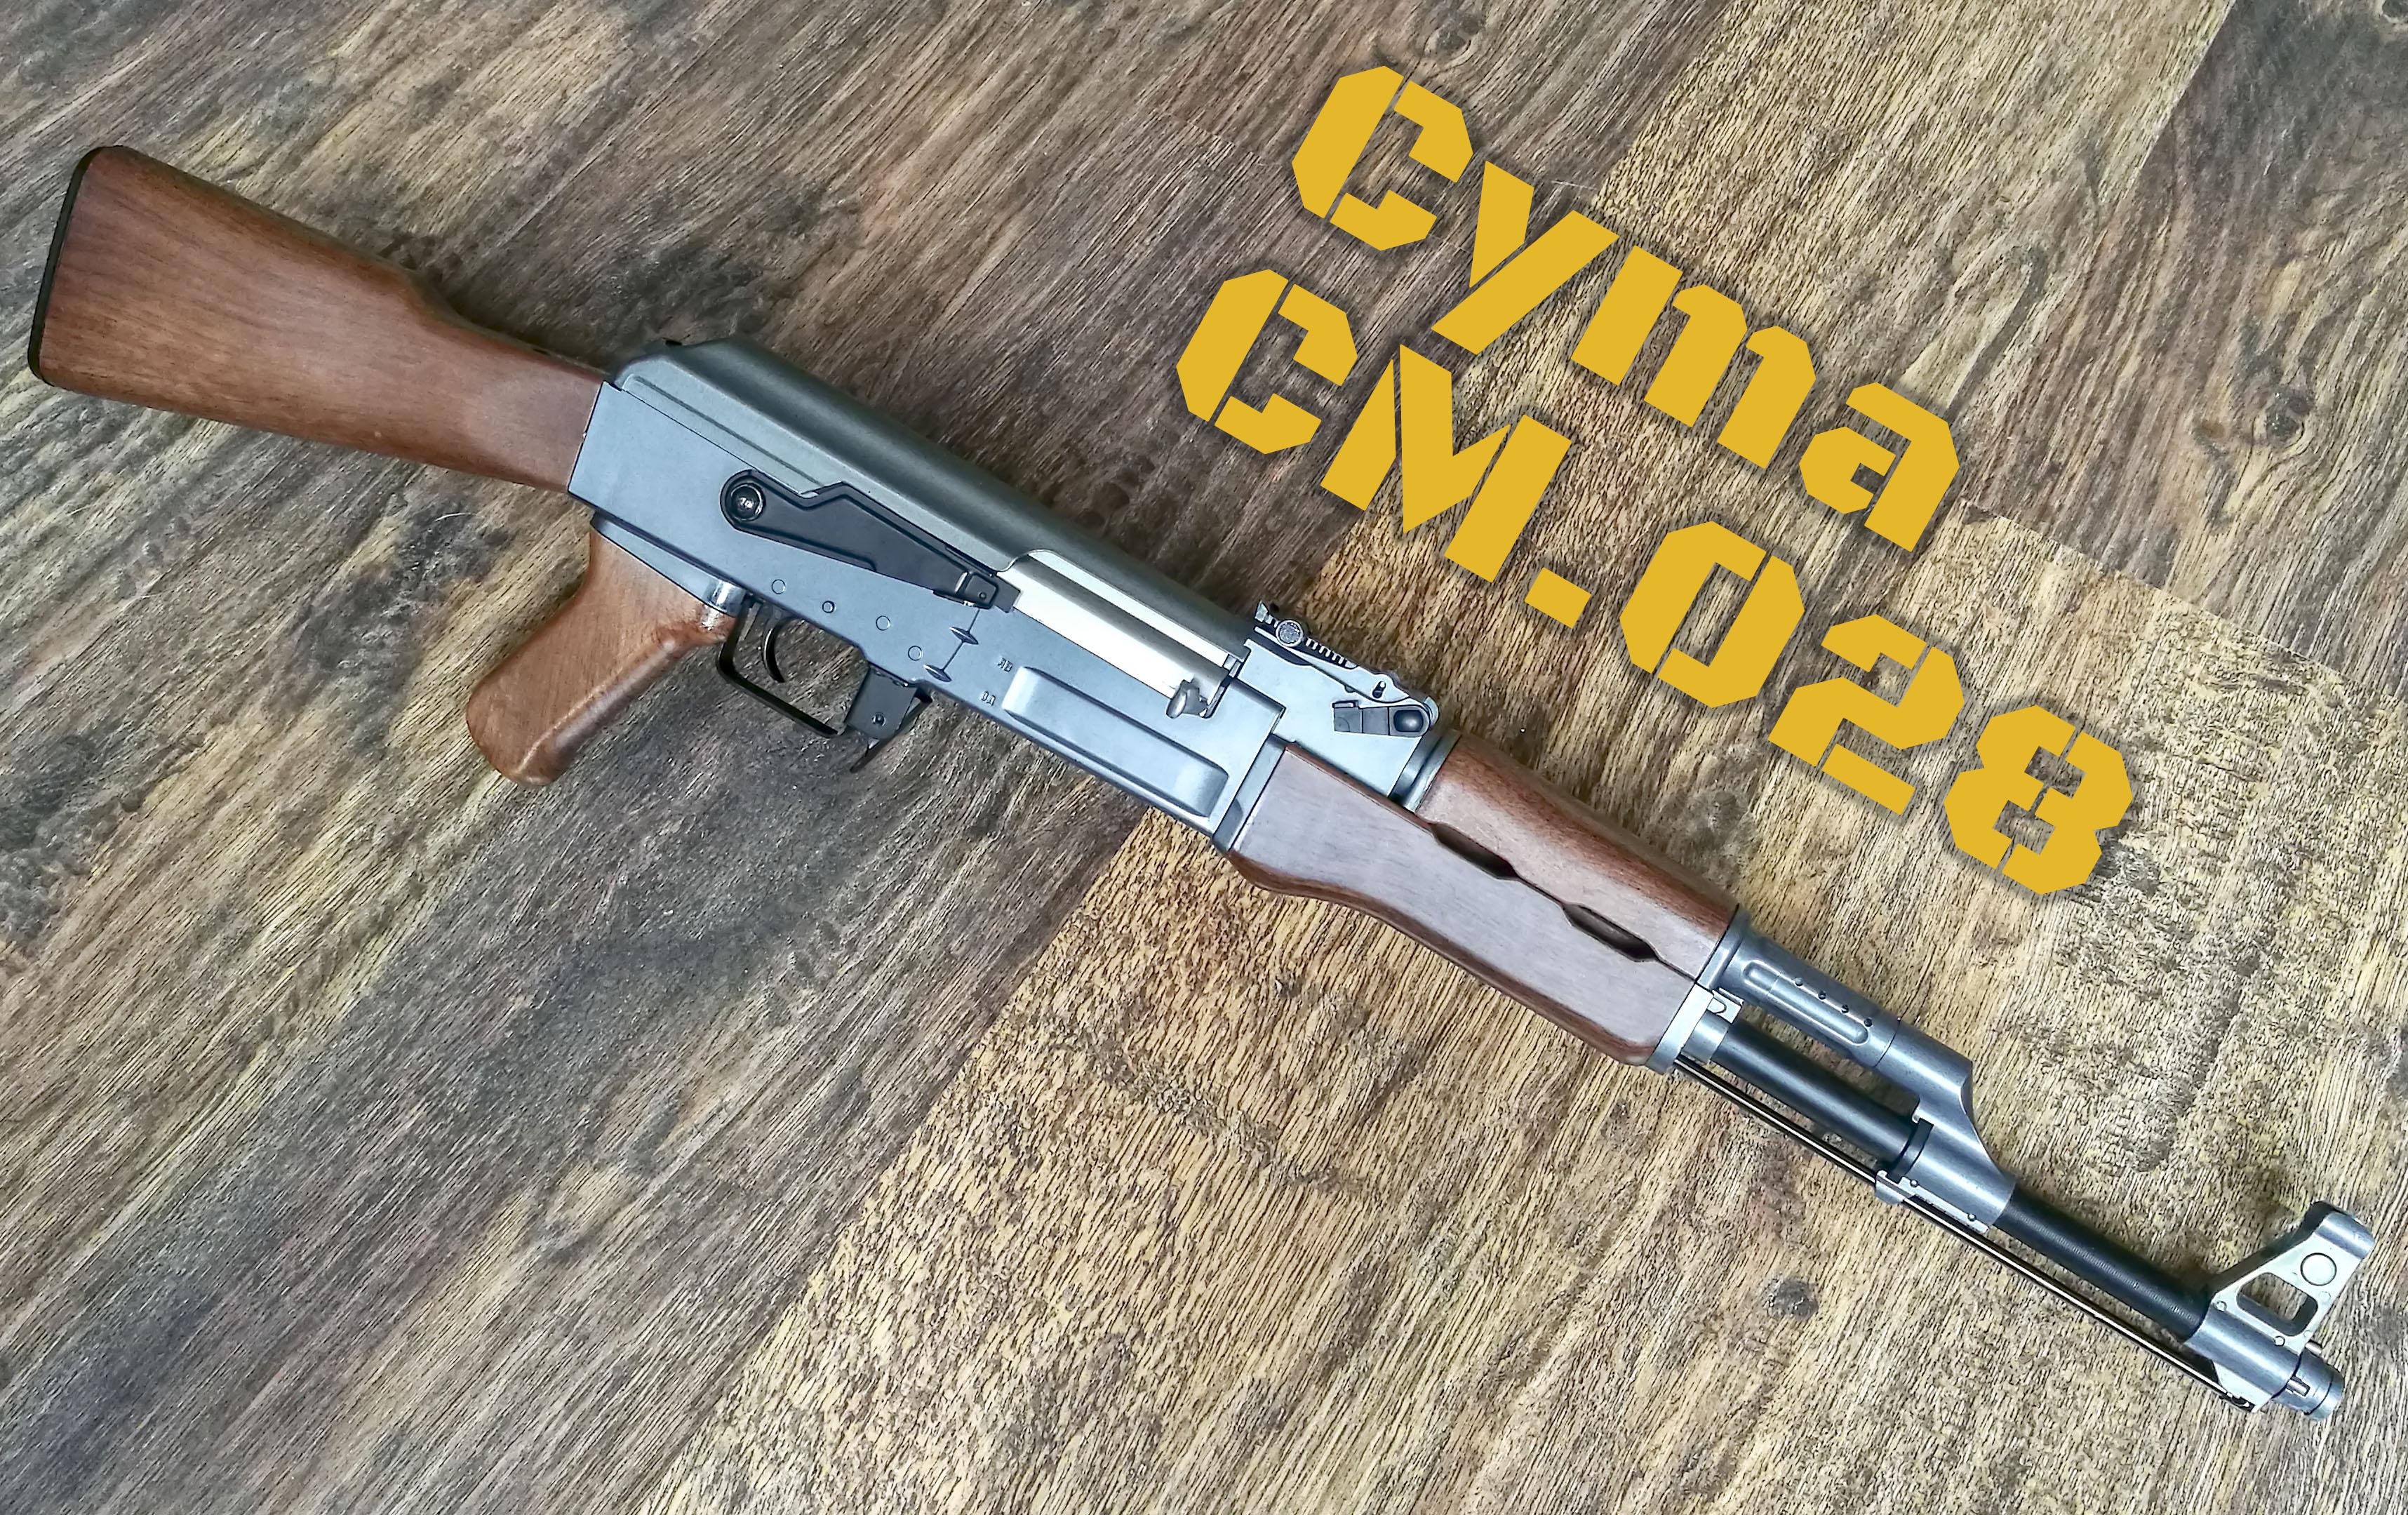 cm028_0.jpg